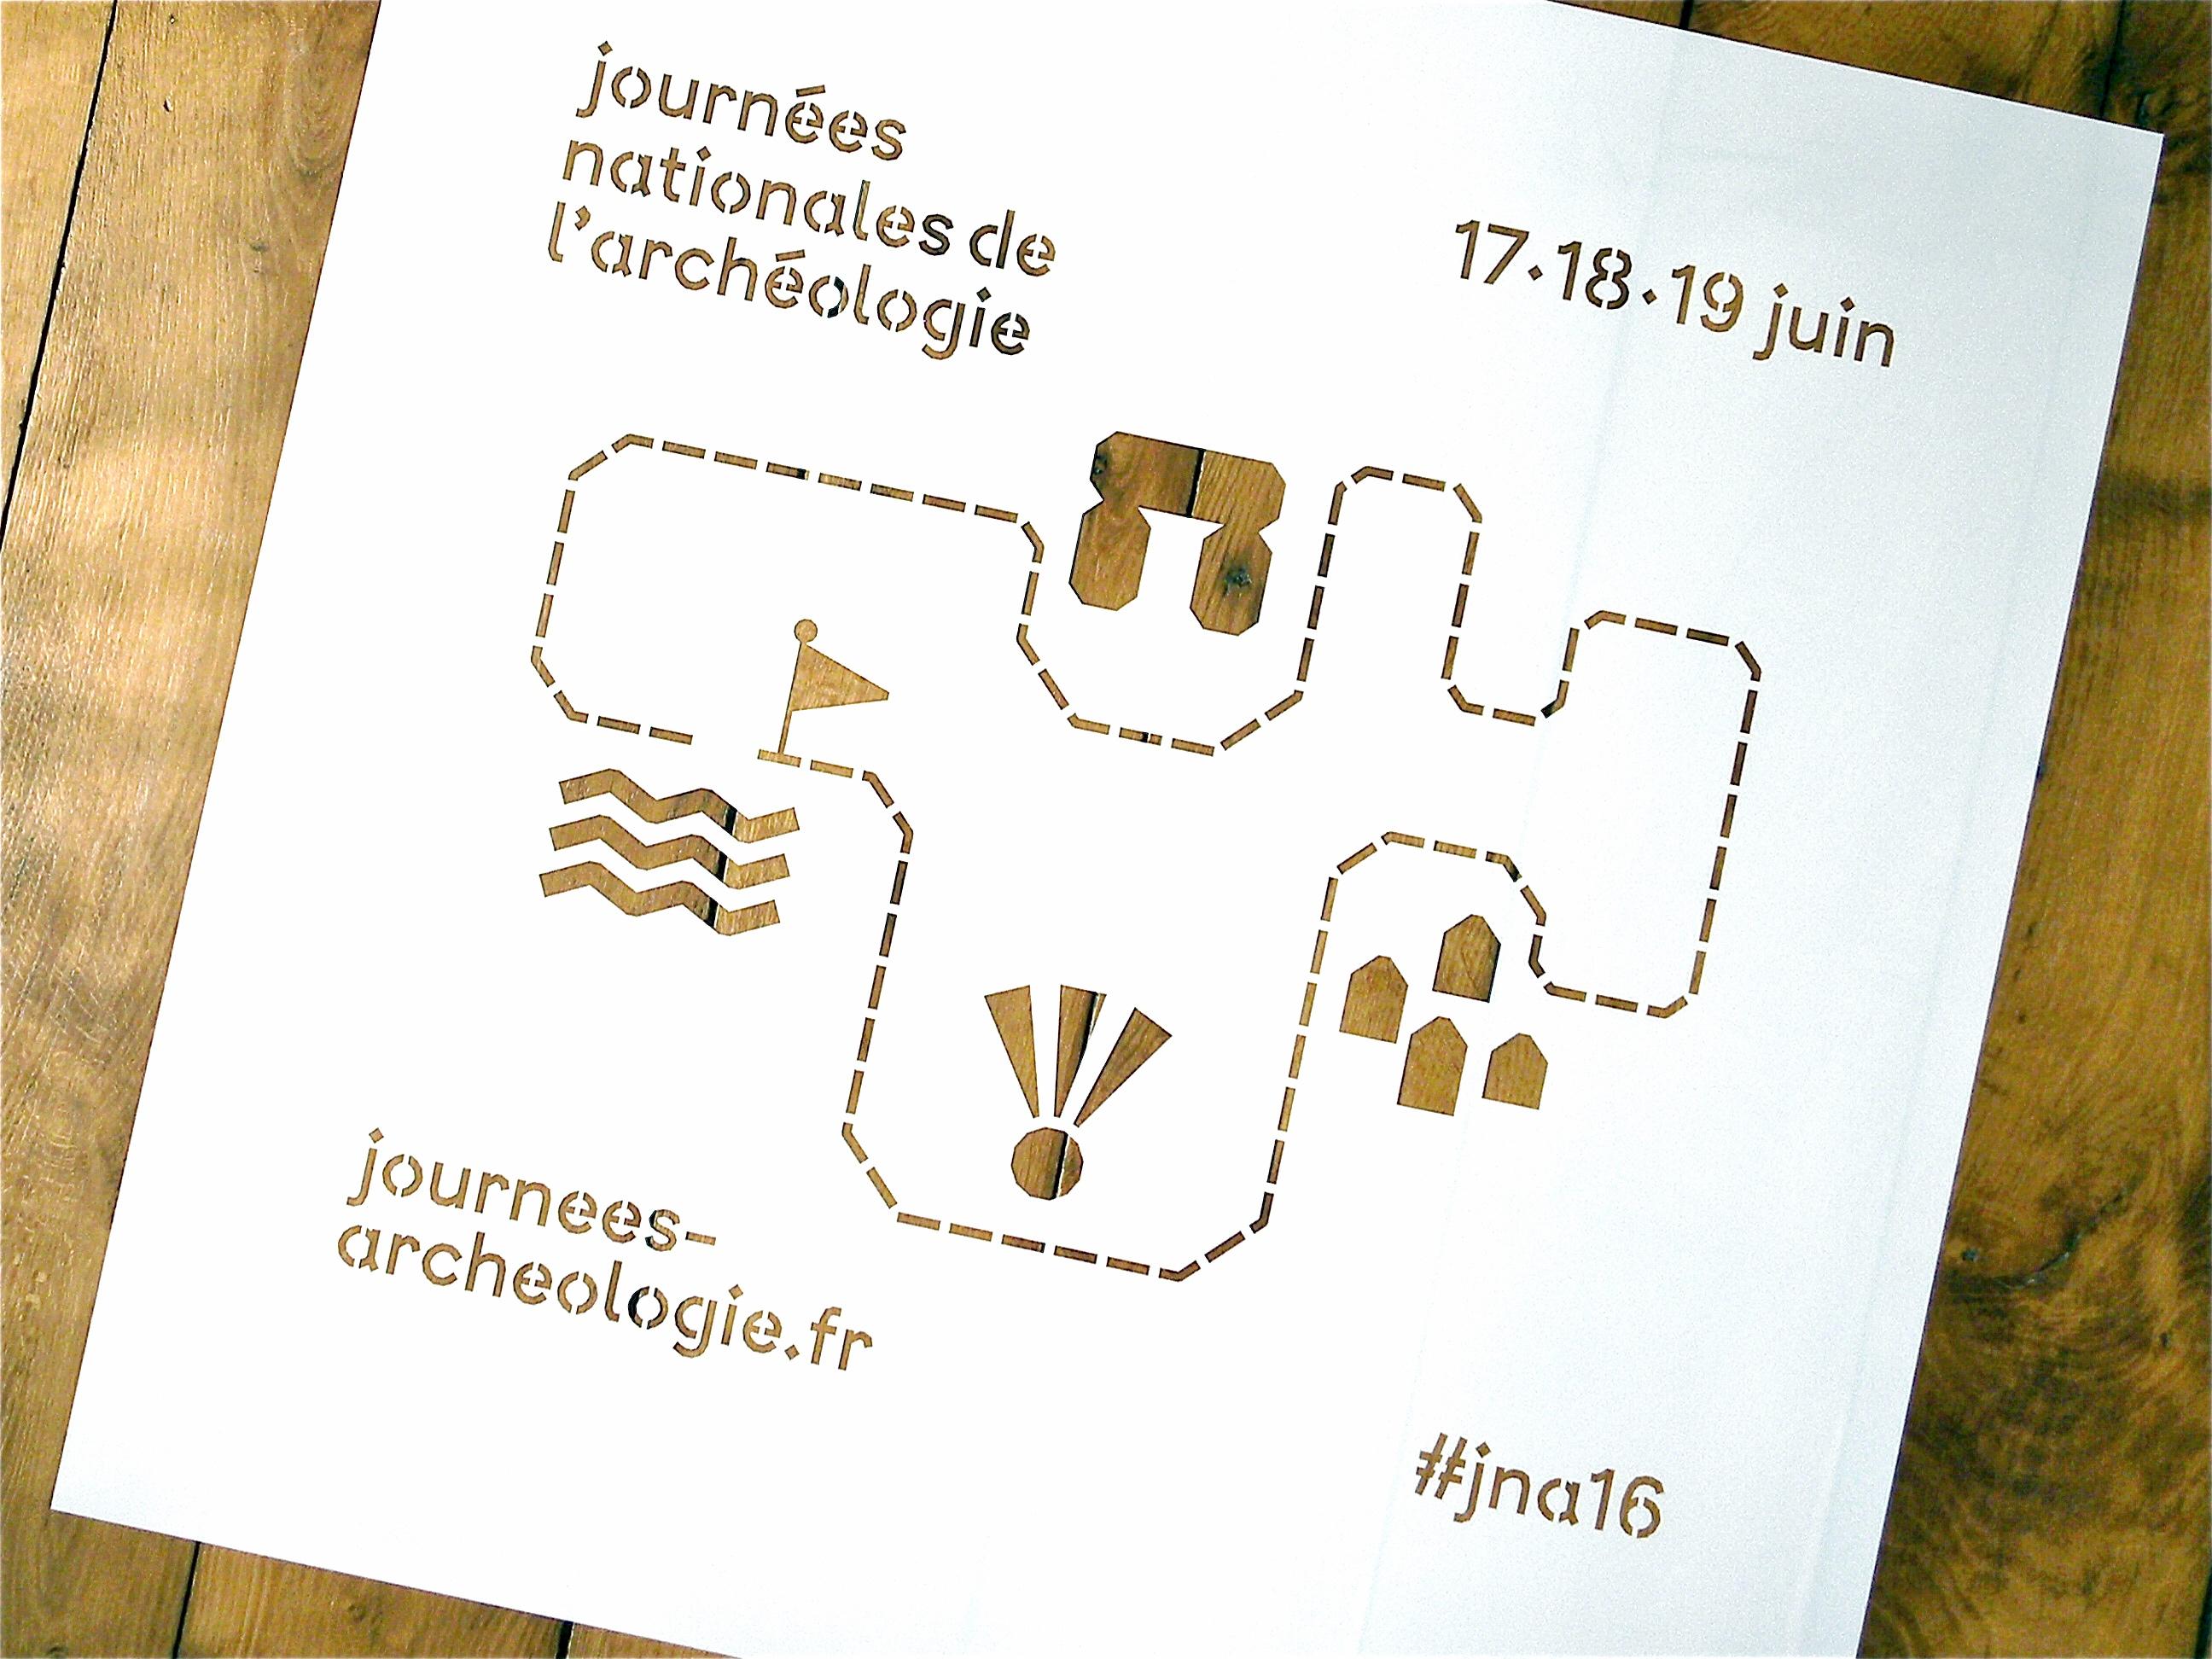 INRAP – JOURNÉES NATIONALES DE L'ARCHÉOLOGIE 2016